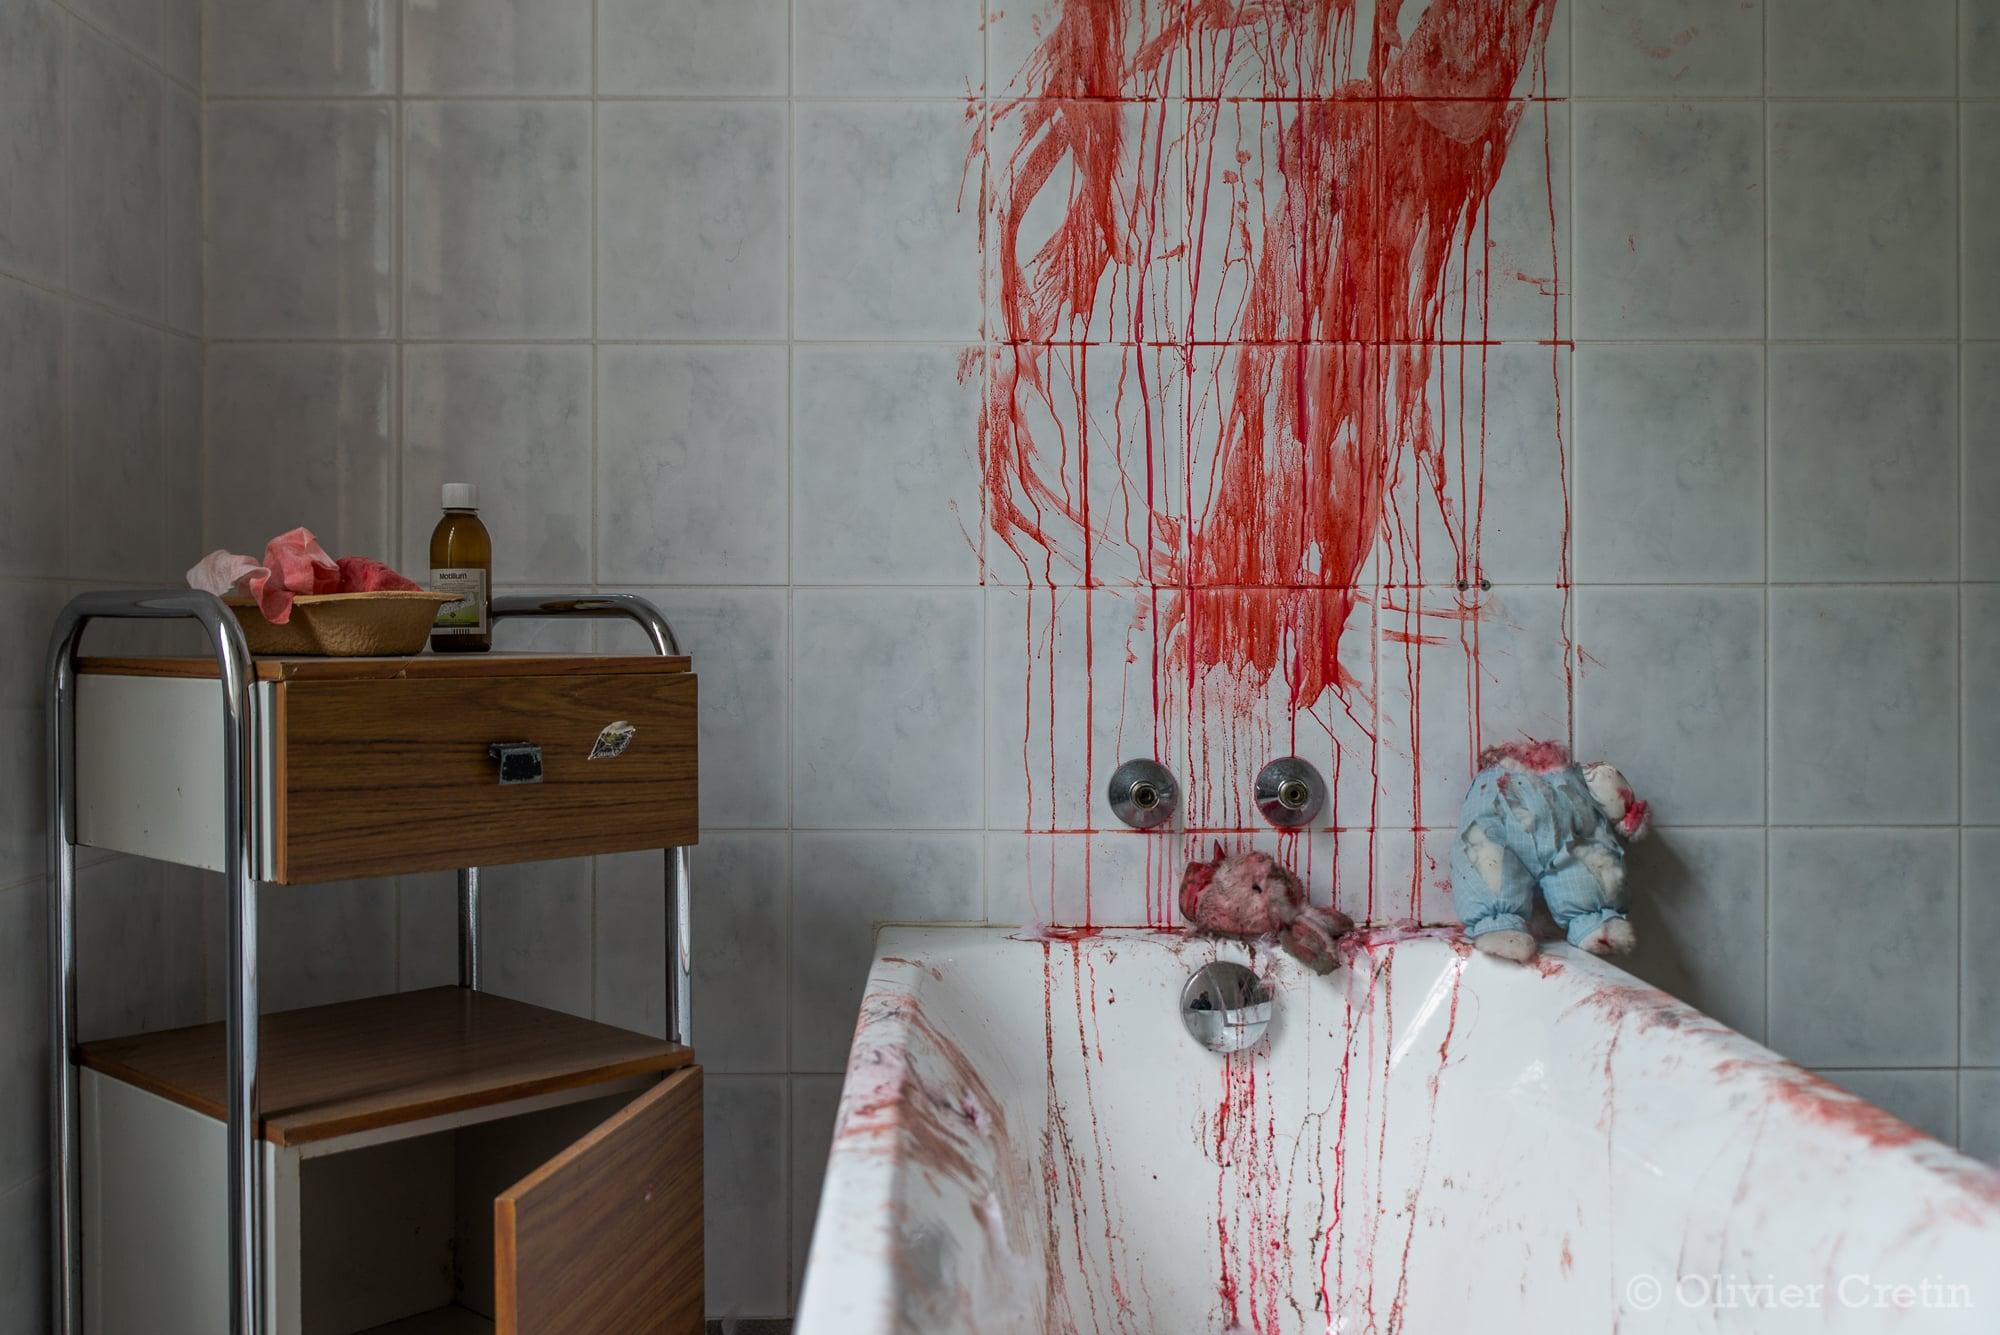 L'Hôpital psychiatrique du tortionnaire